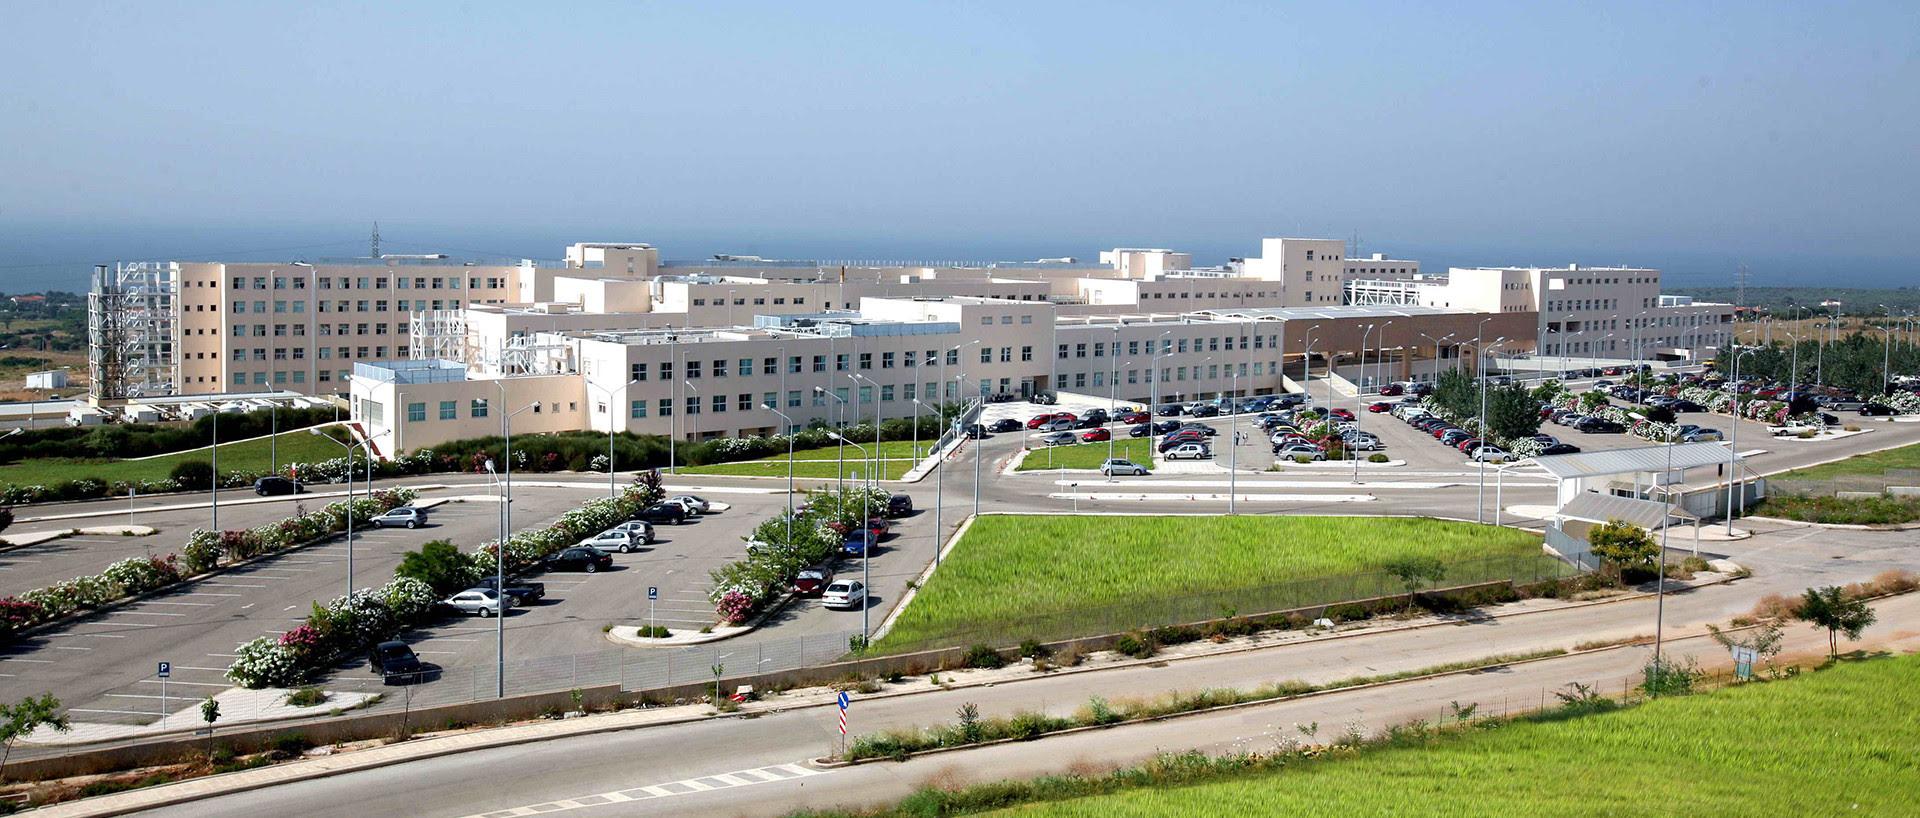 Απάντηση του Δημάρχου Αλεξανδρούπολης στο Διοικητή του Νοσοκομείου Αλεξανδρούπολης